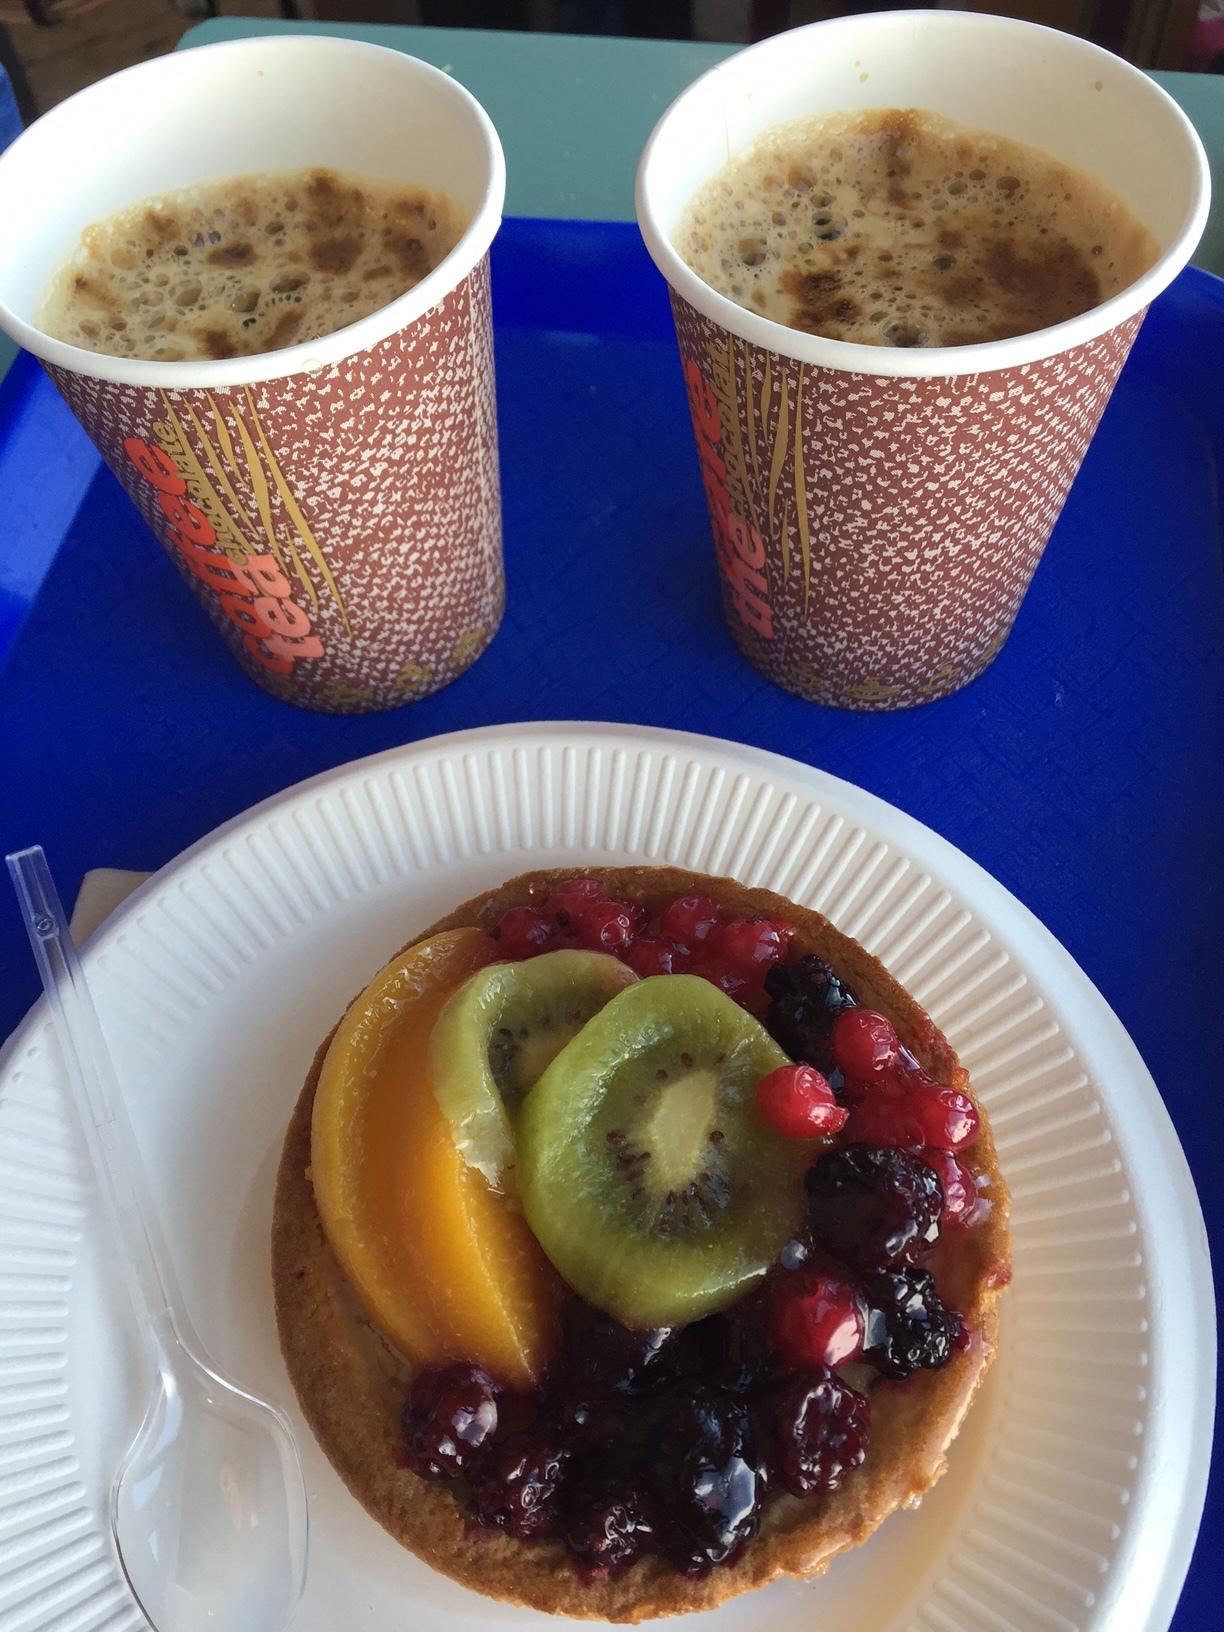 Fruity French Treat - www.stampedwithaloha.com